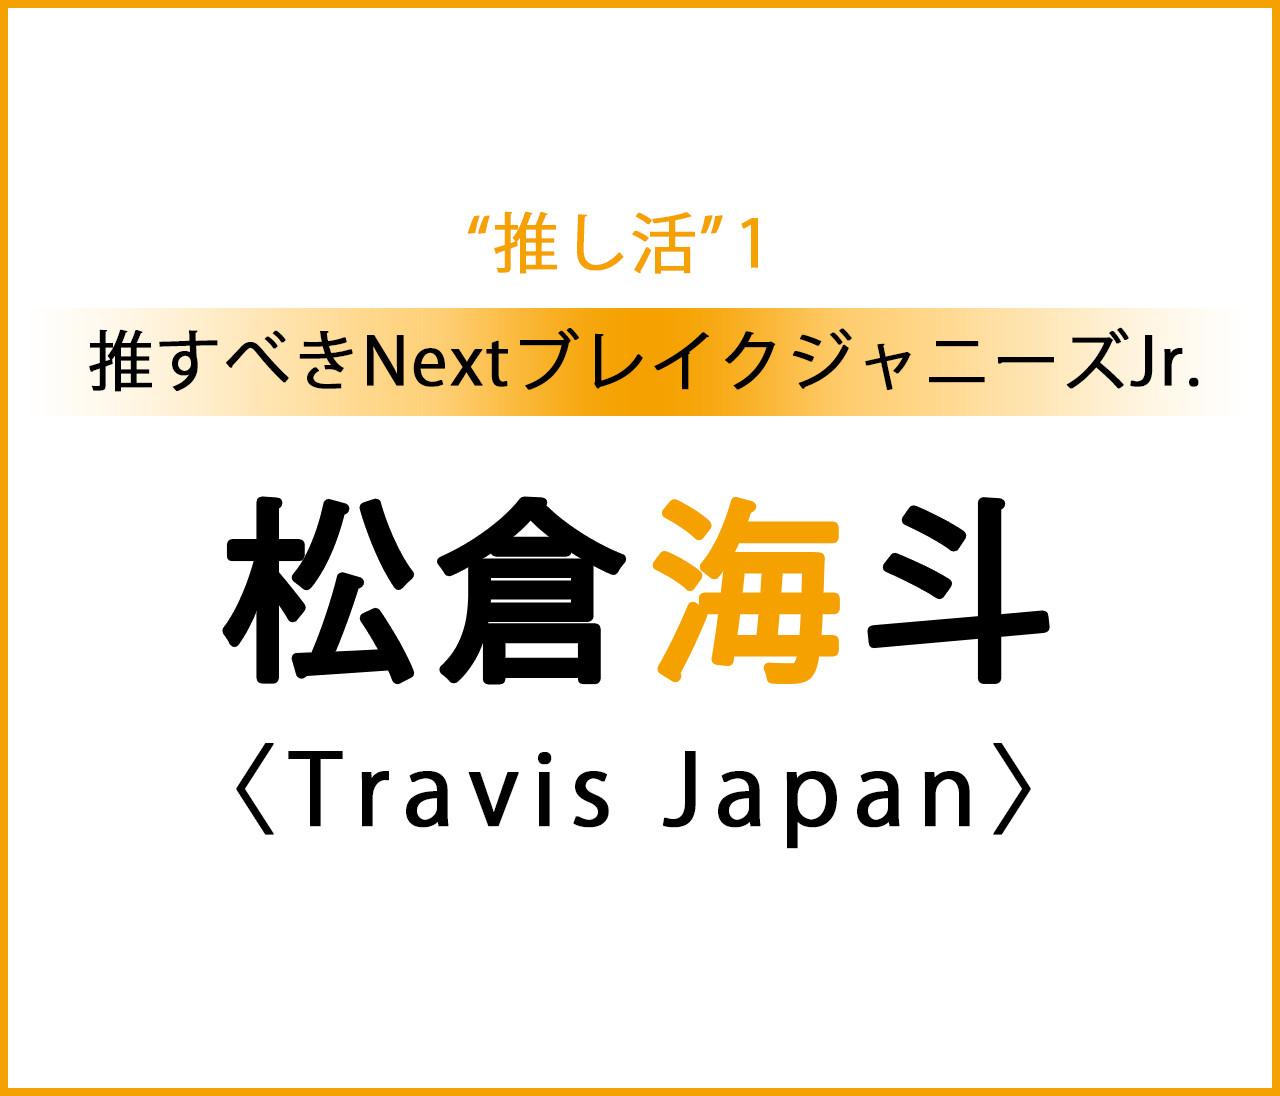 【推すべきNextブレイクジャニーズJr.】 #TravisJapan #松倉海斗 インタビュー